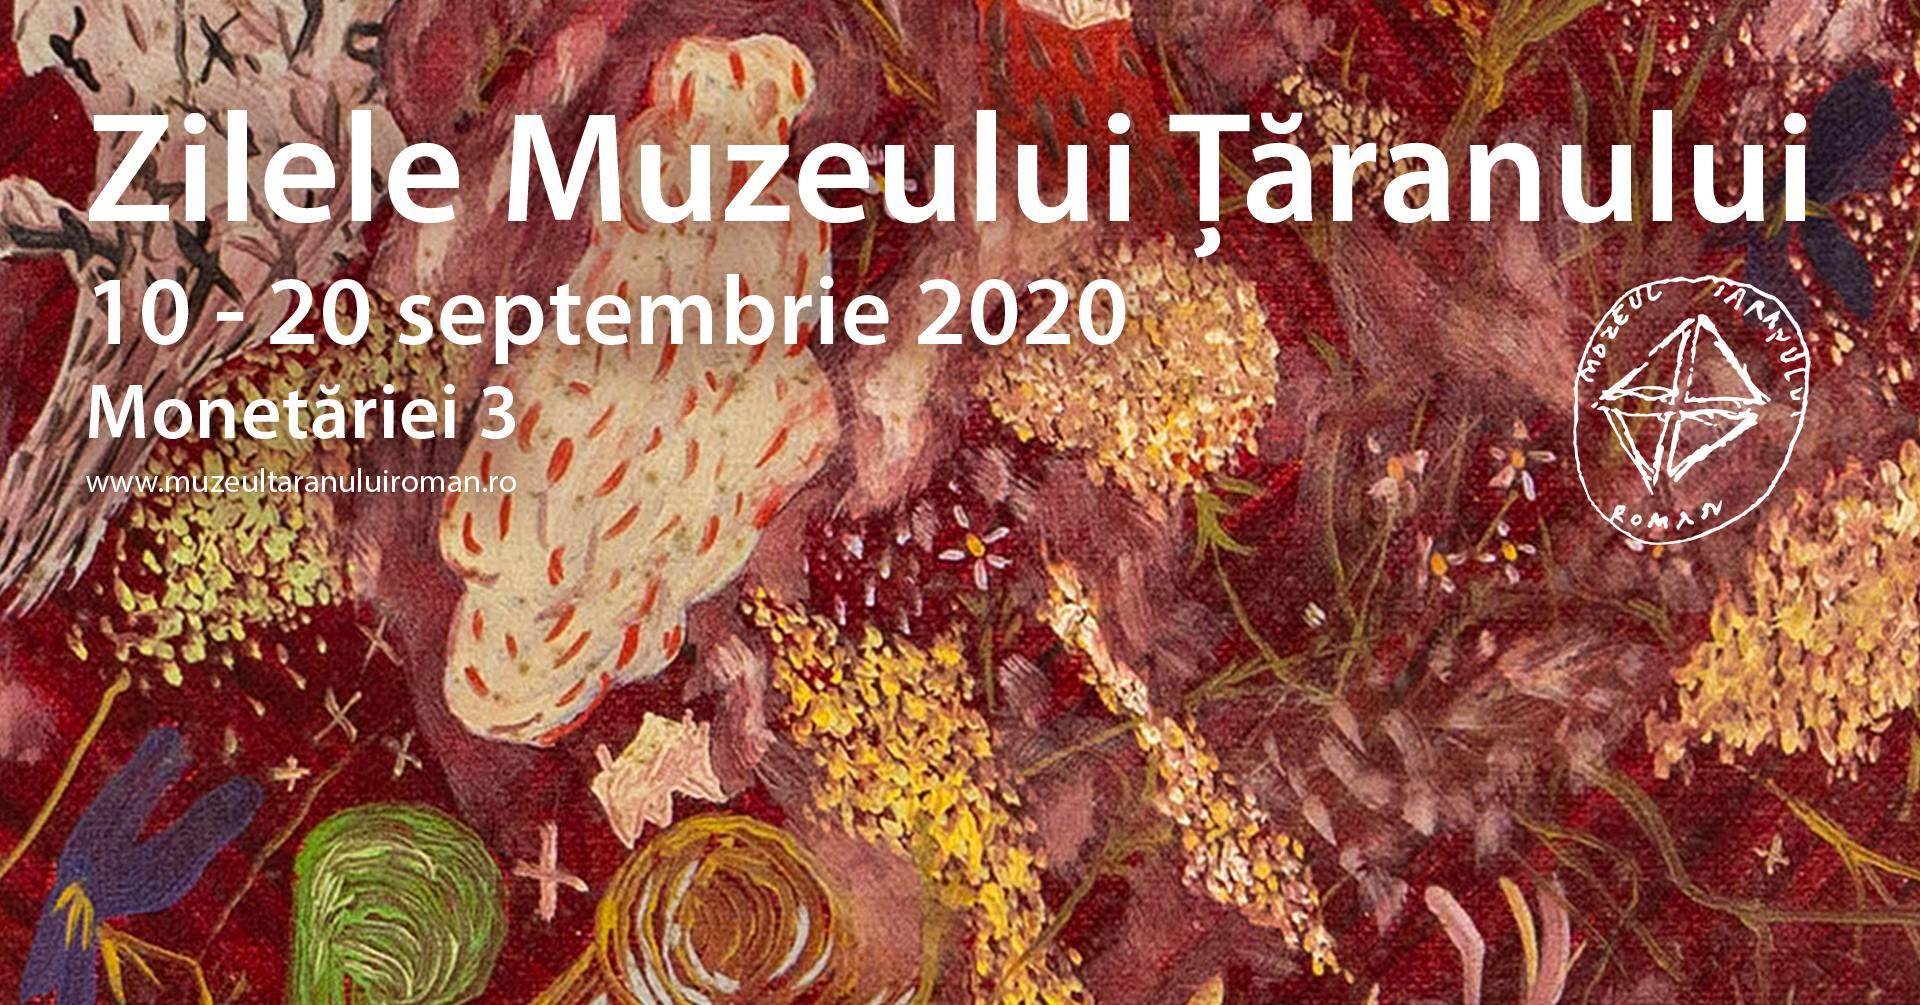 evenimente weekend 11-13 sept zilele muzeului taranului